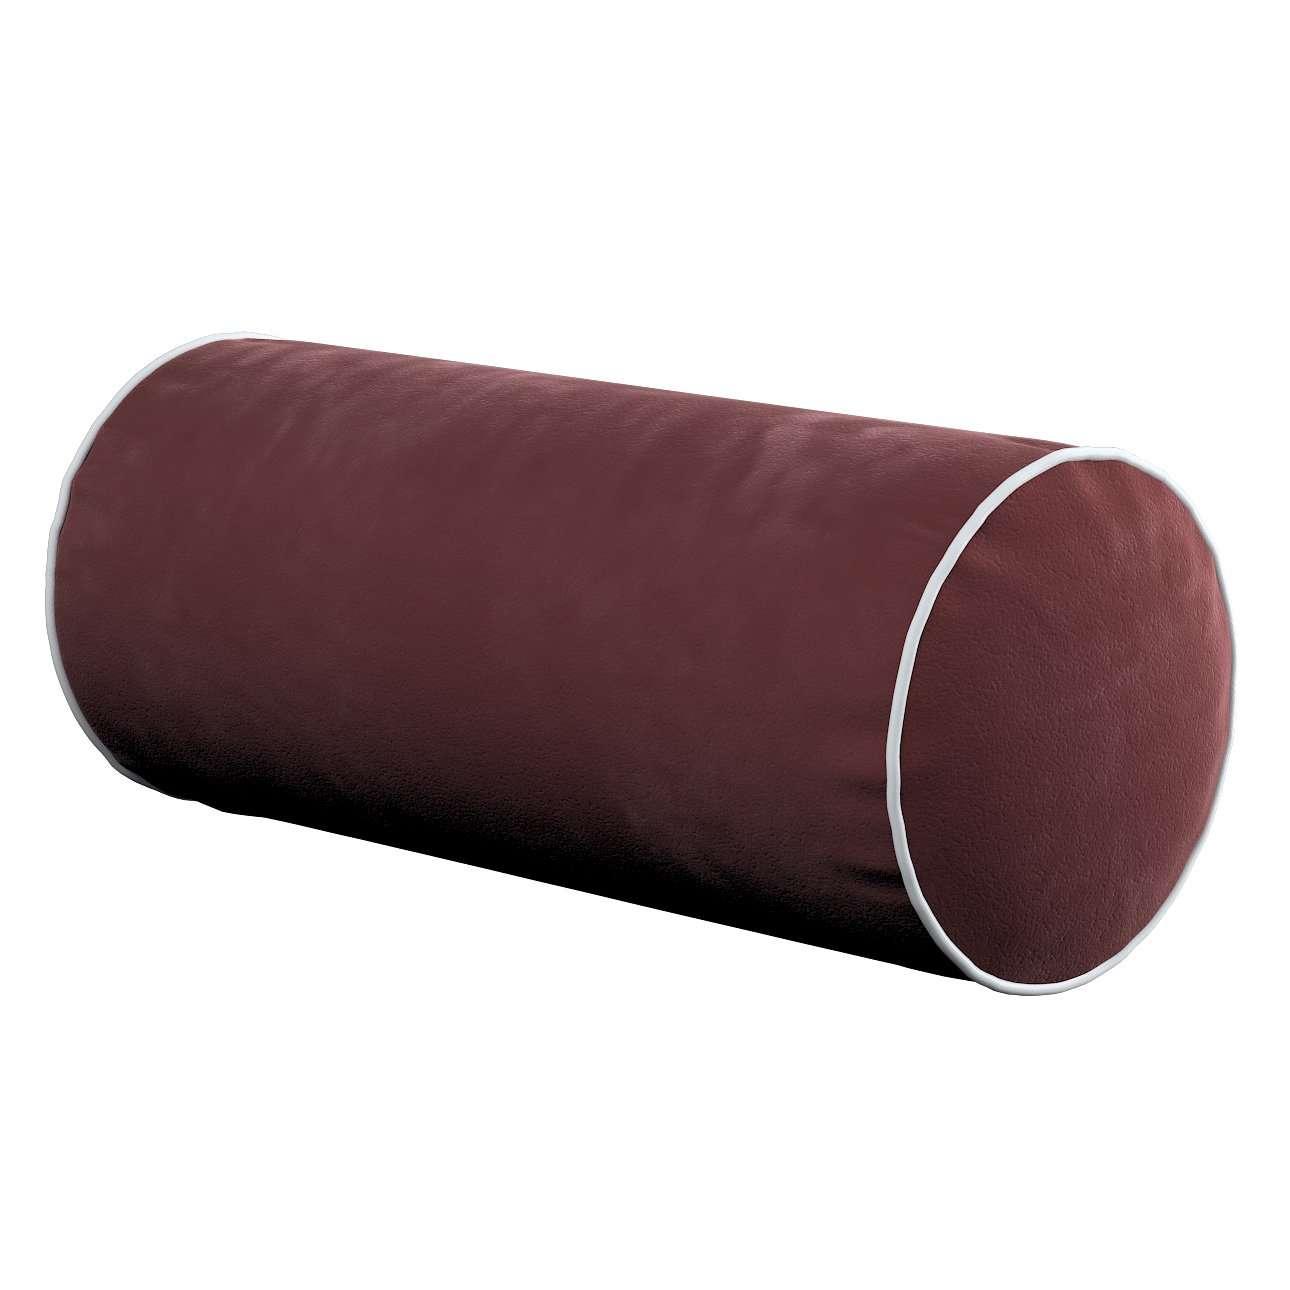 Einfache Nackenrolle mit Einfassband, bordeaux, Ø16 × 40 cm, Velvet | Schlafzimmer > Kopfkissen | Dekoria